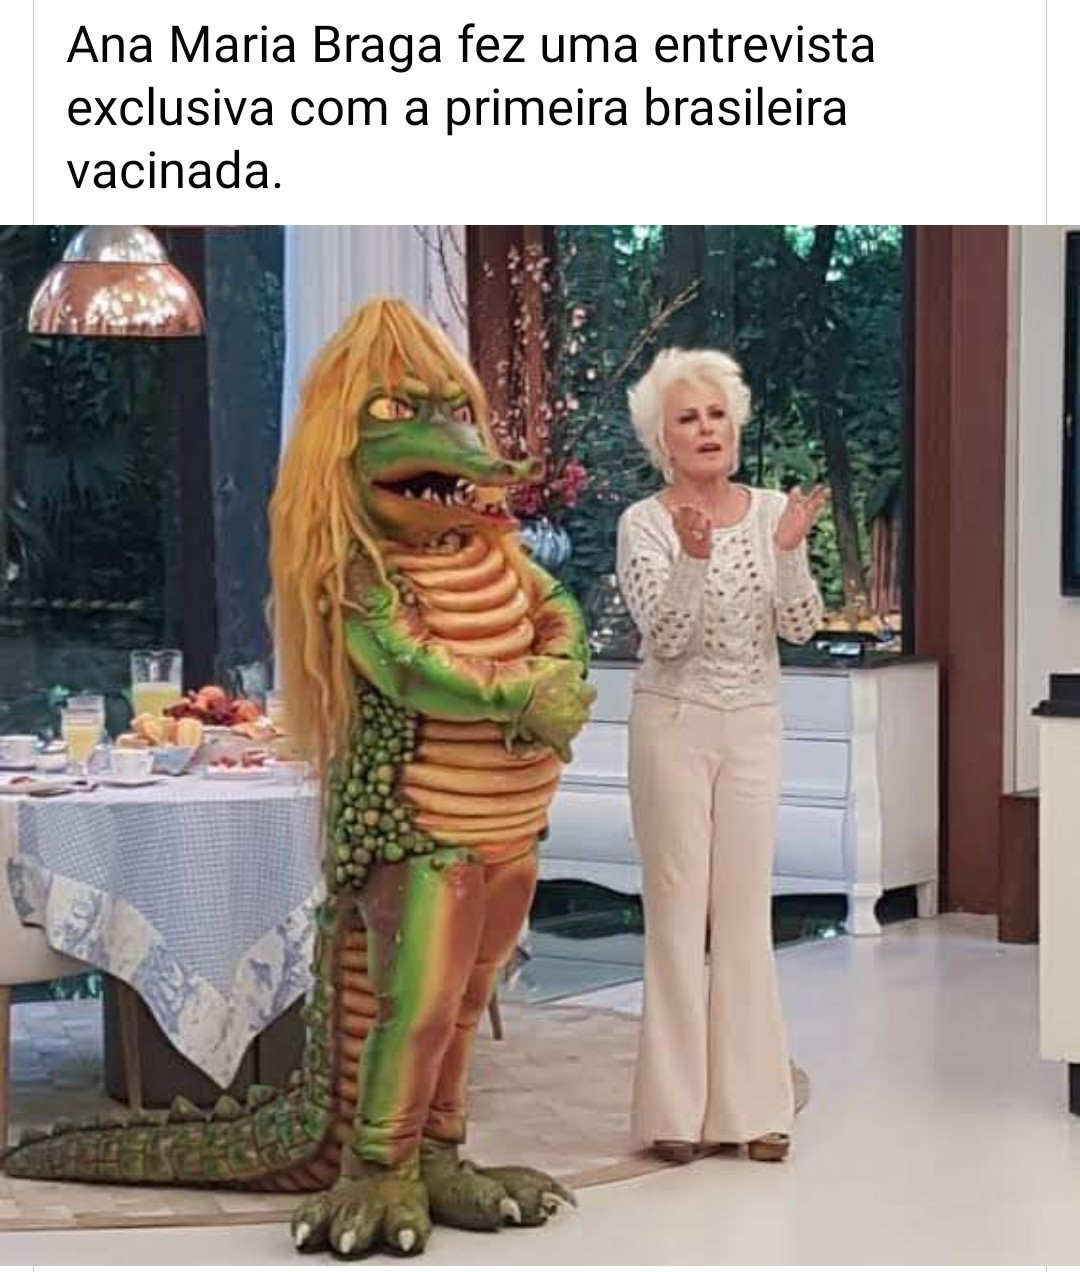 Viva a vacina!! - meme